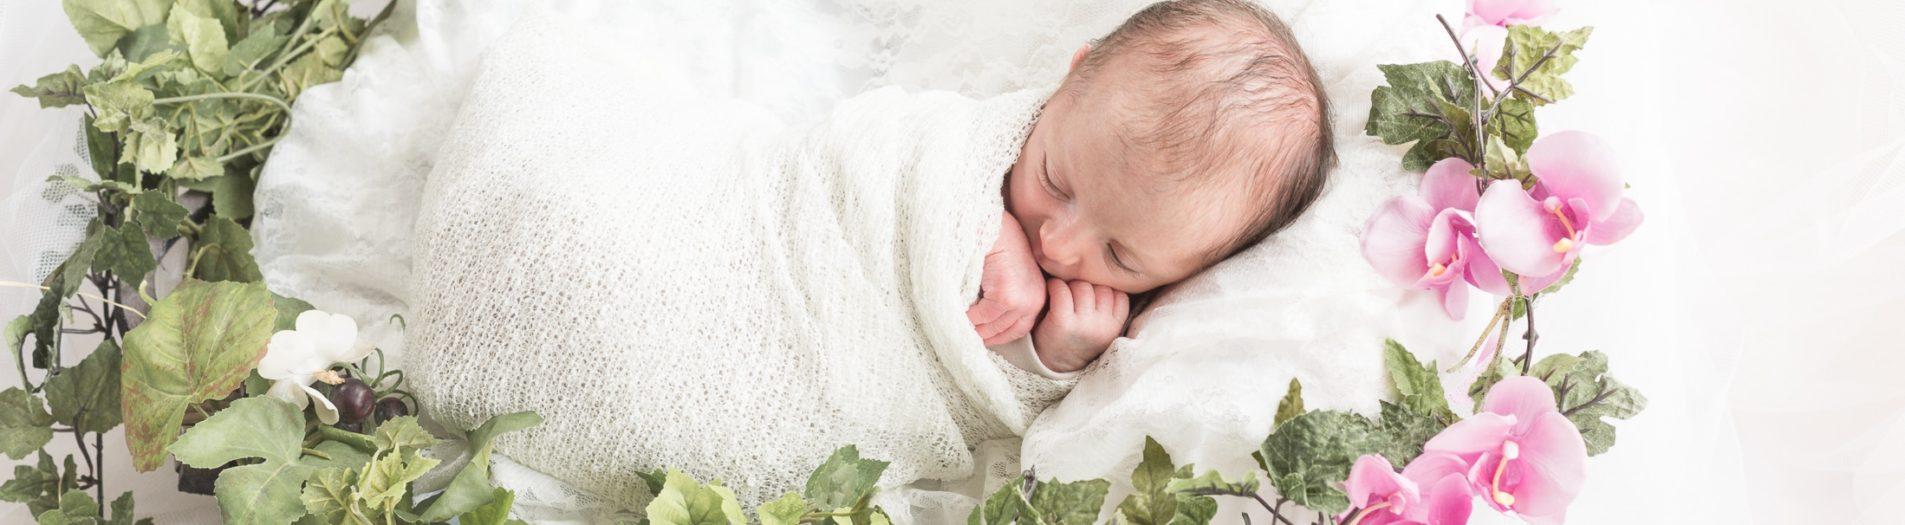 La petite Valentina est endormie dans son petit nid de printemps